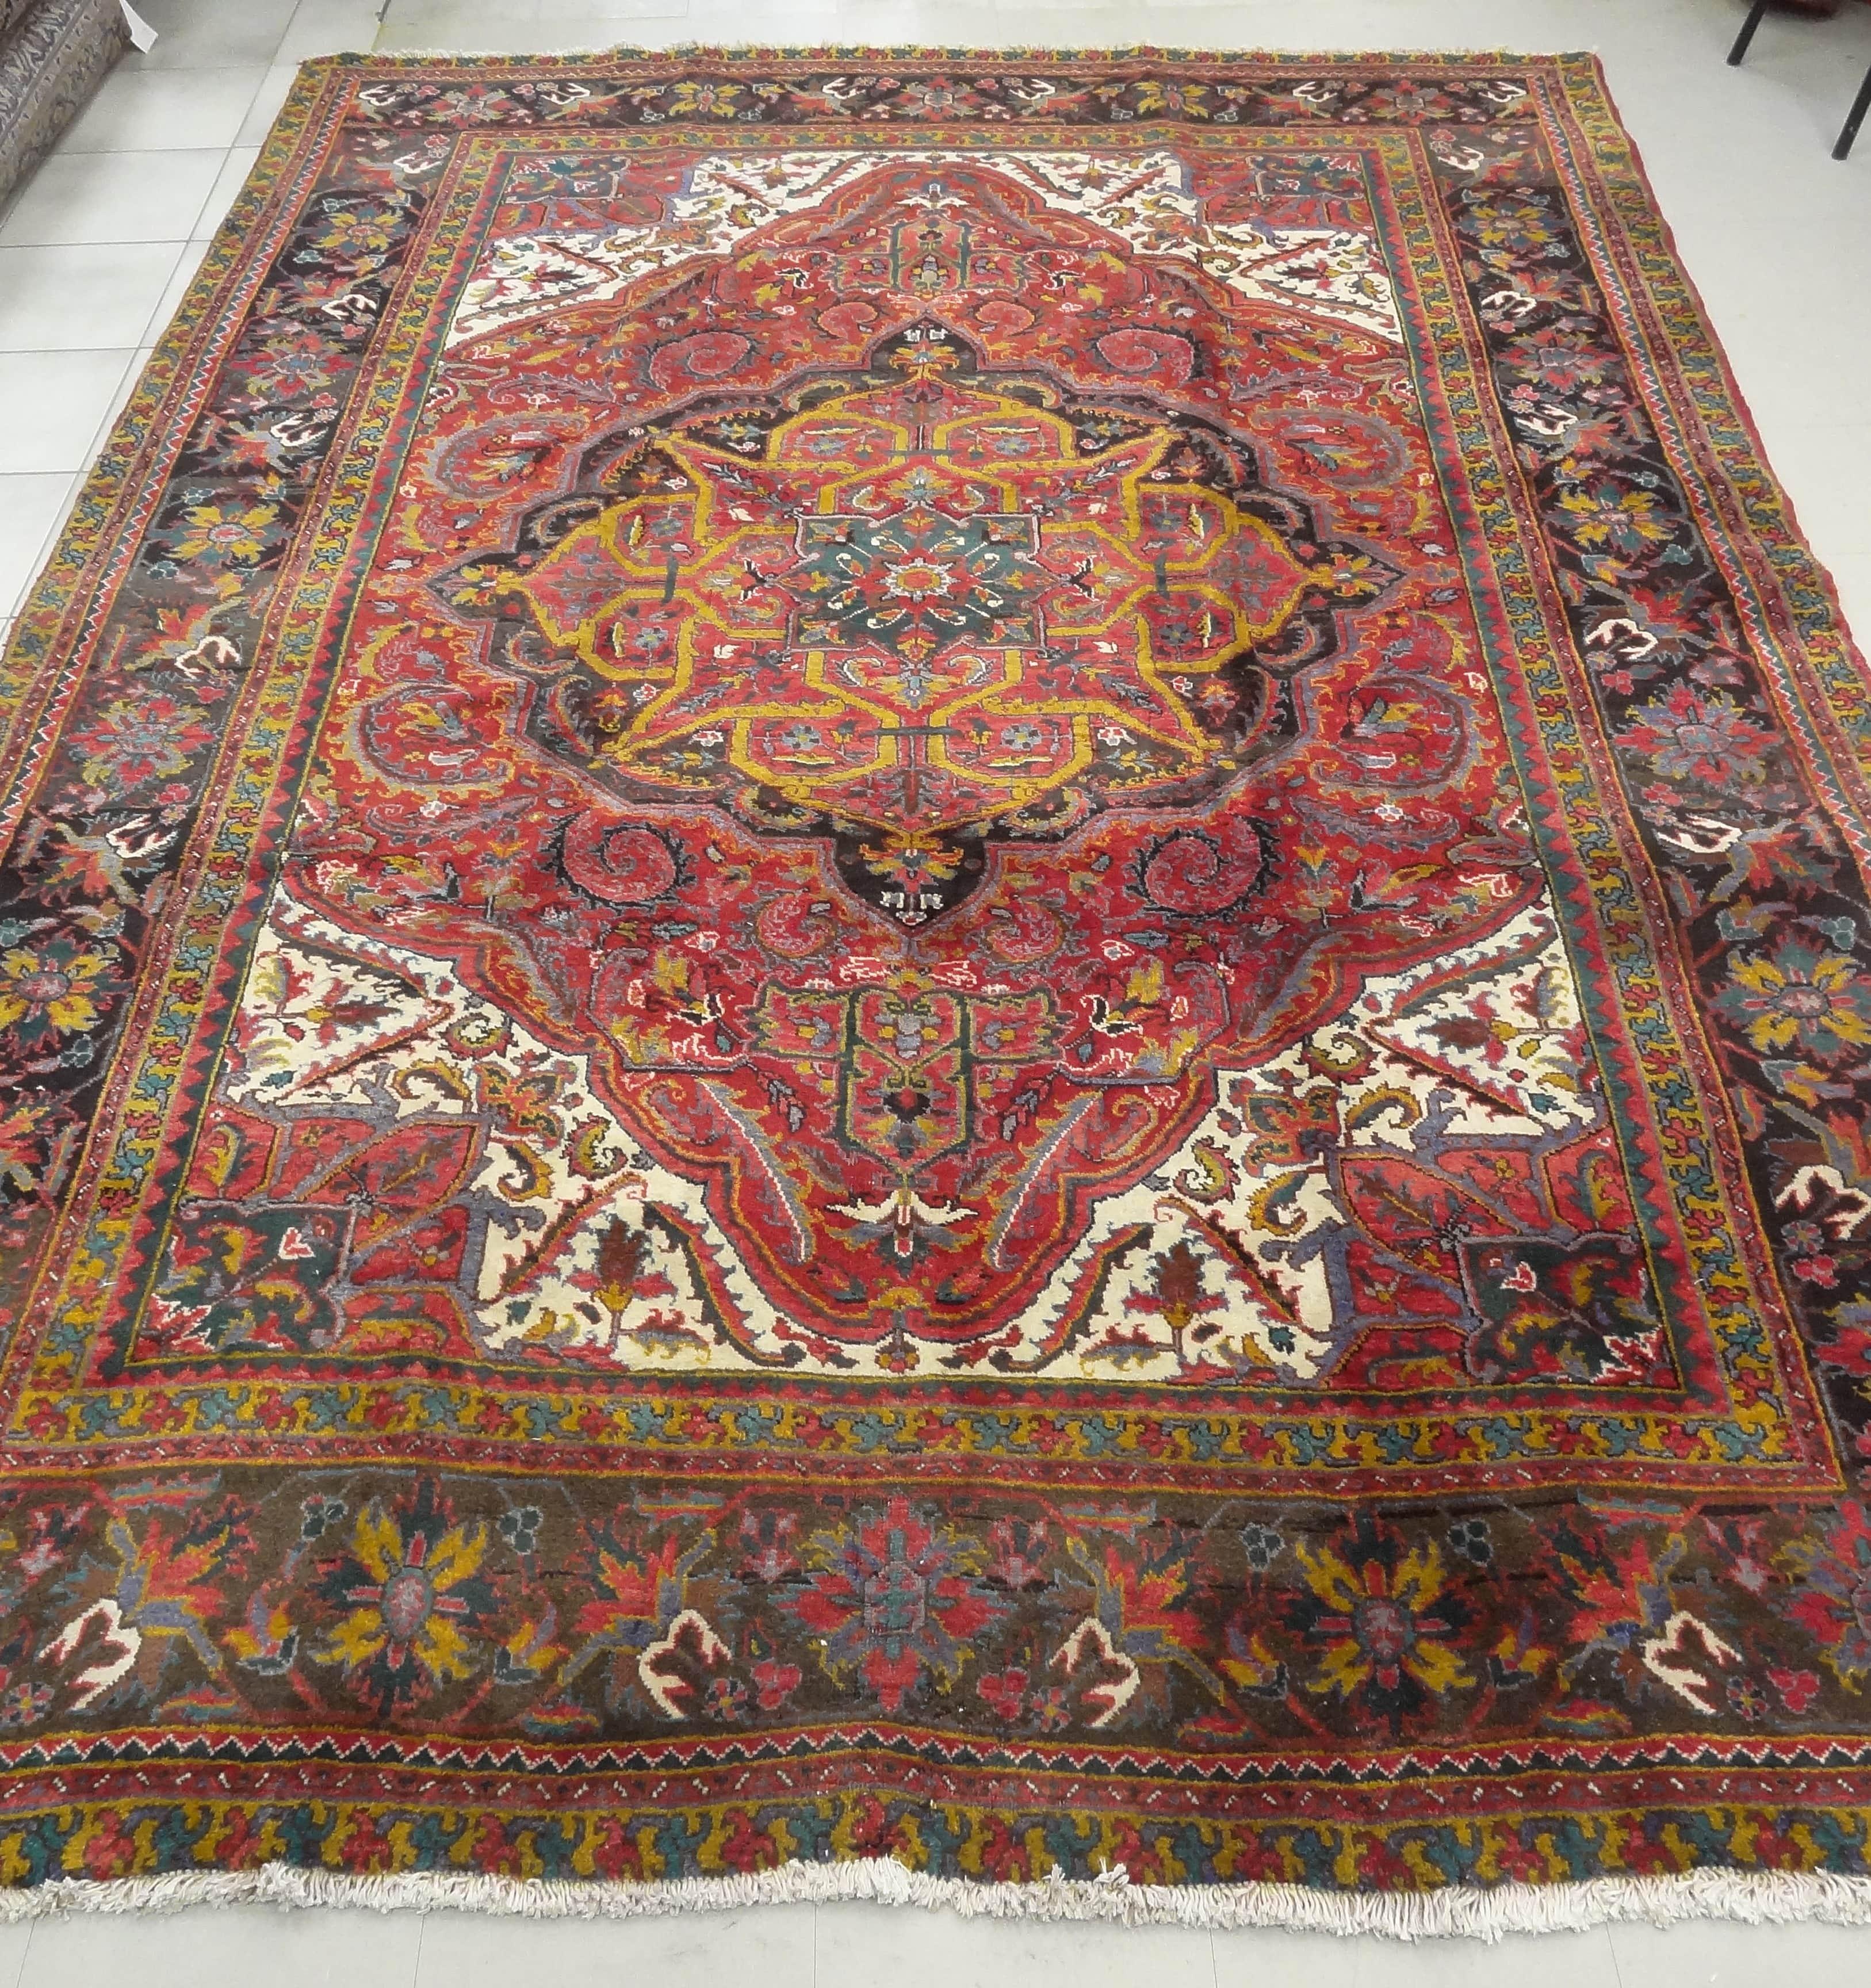 Heriz Persian Rug Heriz Persian Rug Made In Iran, This 60